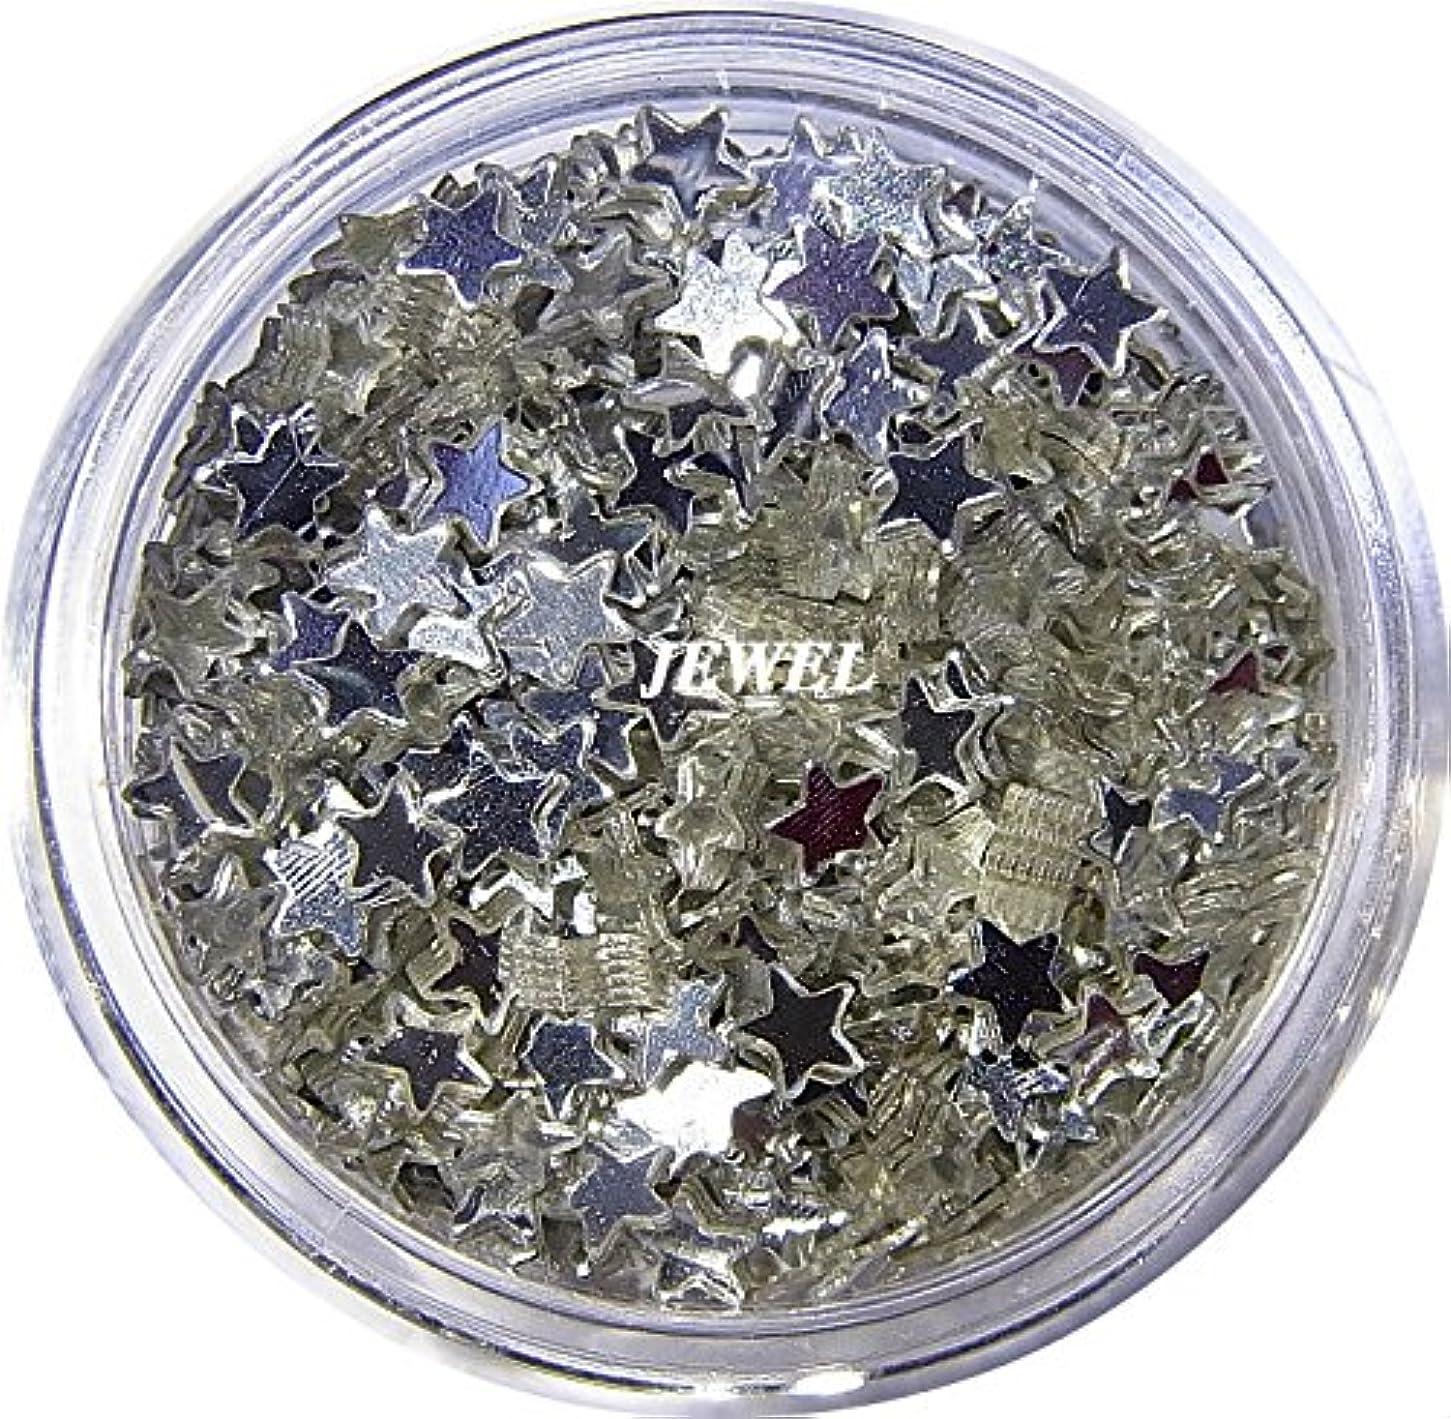 リラックスうっかり飾る【jewel】 星ホログラム 2.5mm シルバー スター 2g入り レジン&ネイル用